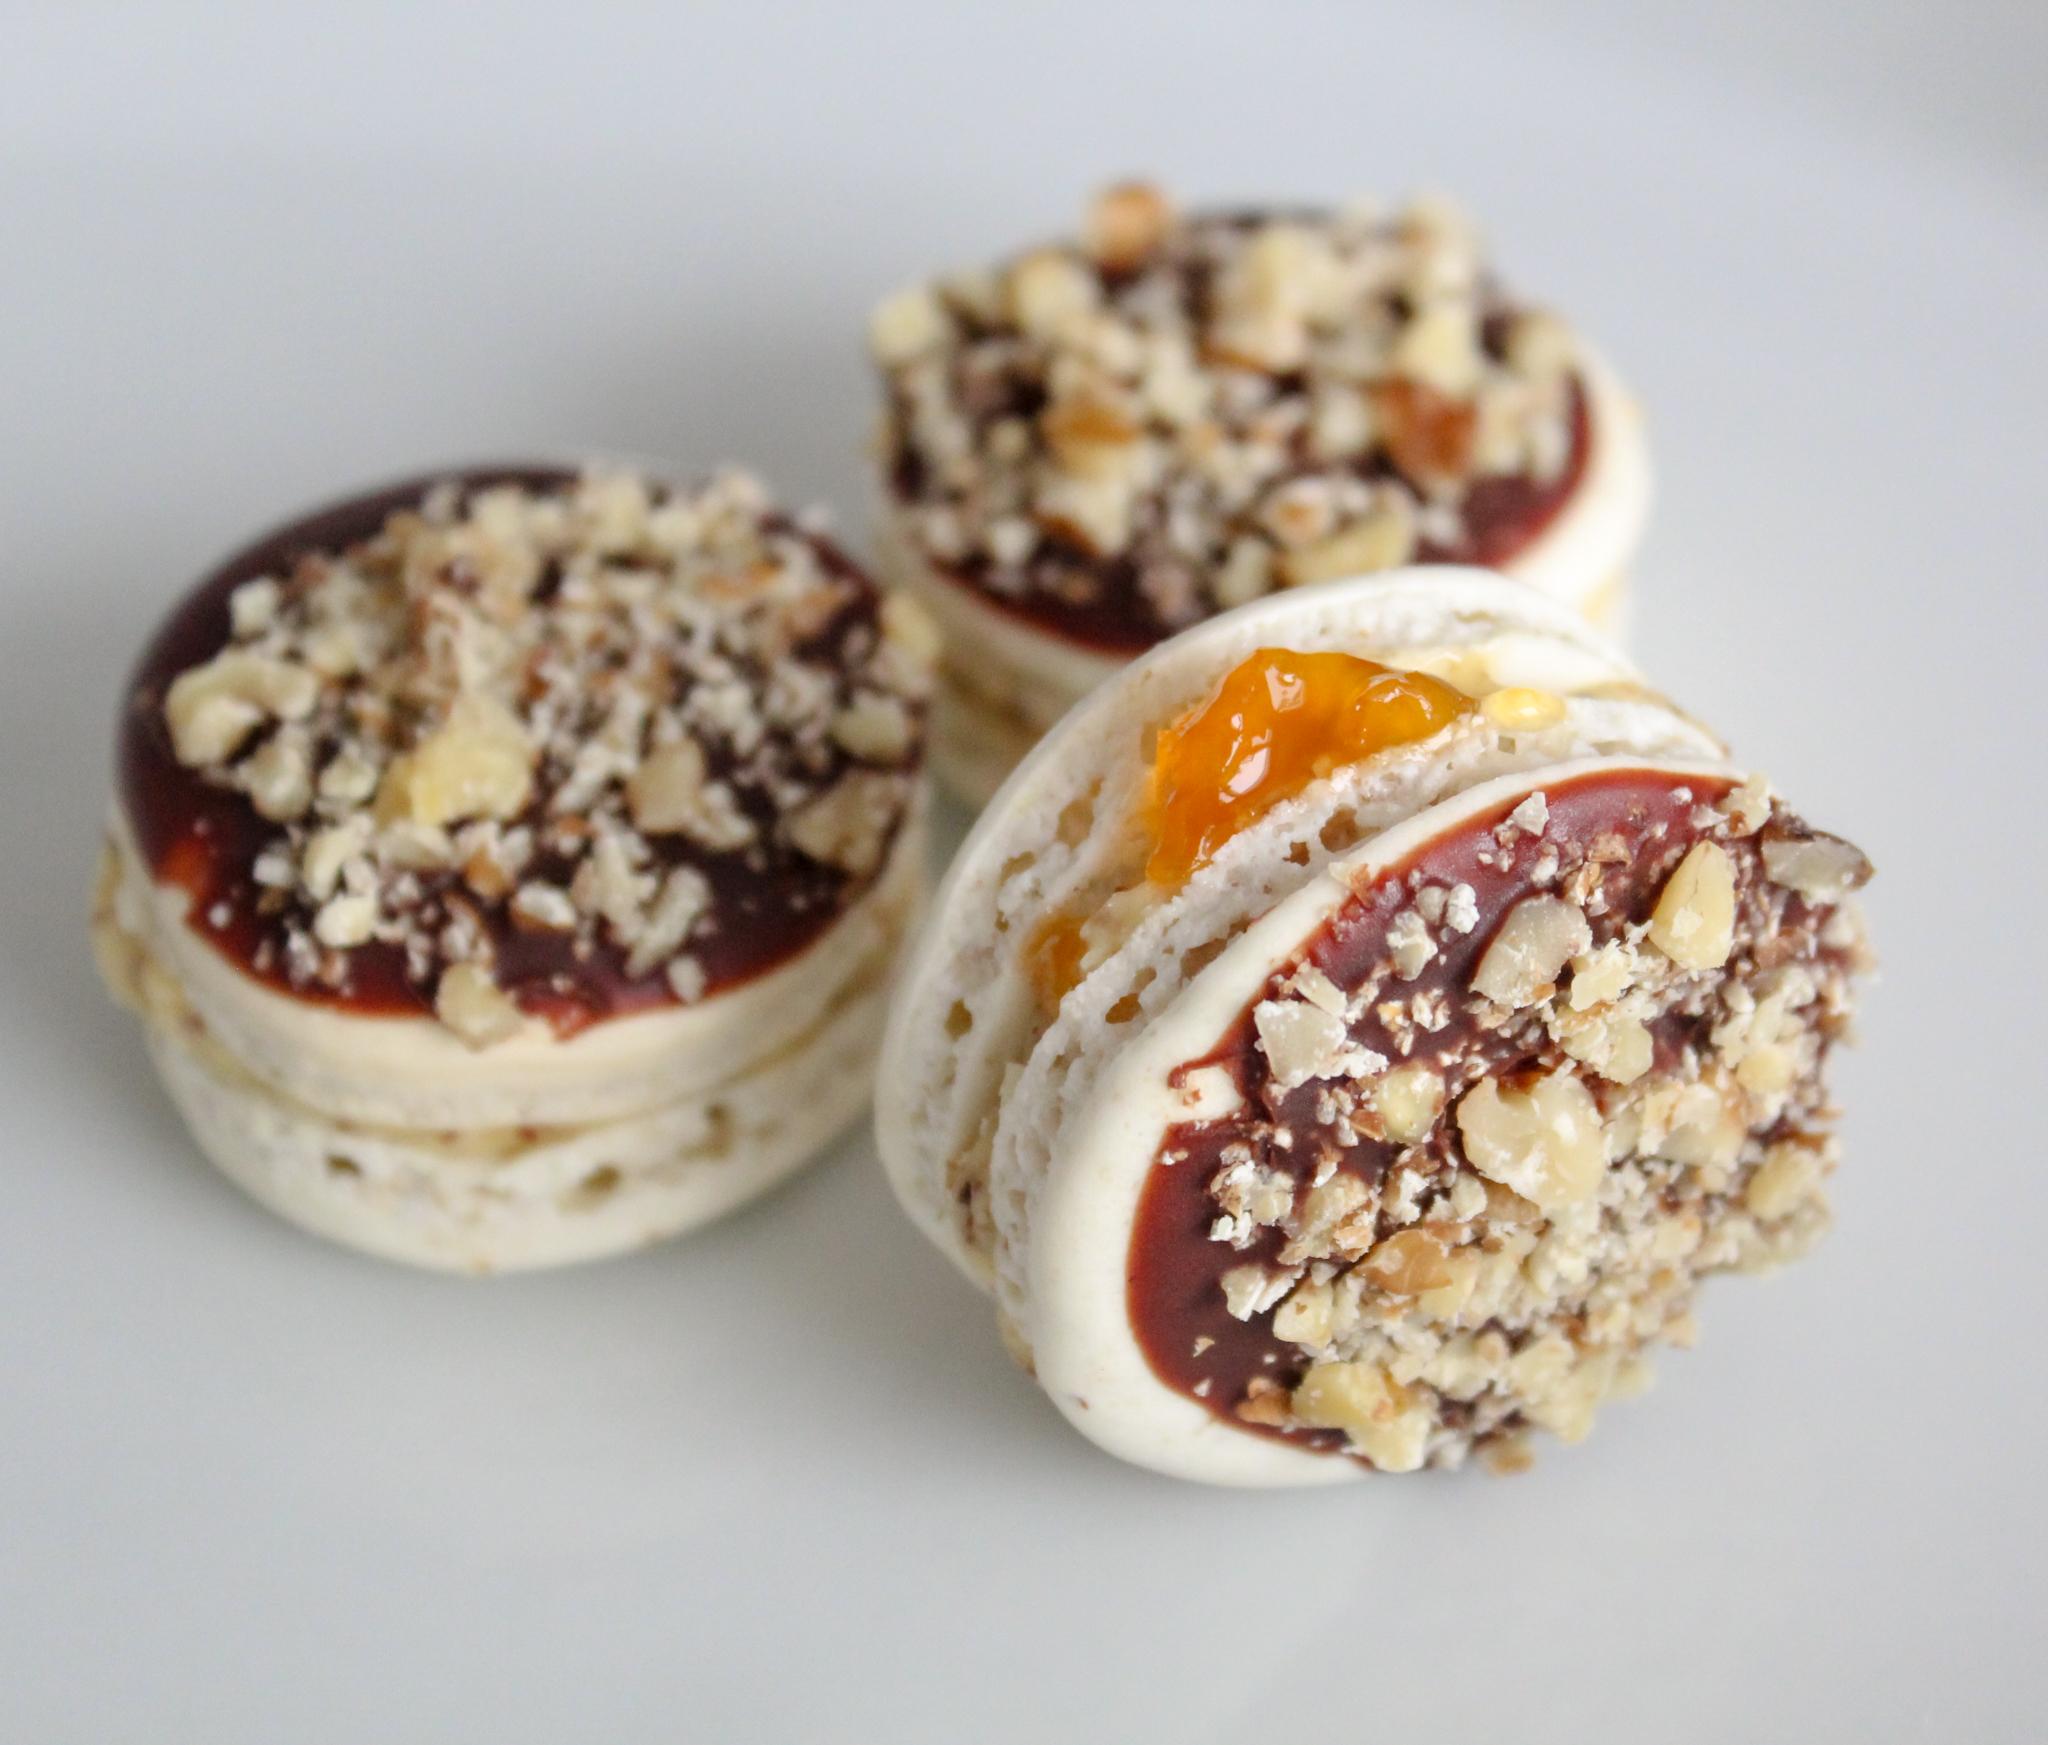 Zerbo (Walnut, dark chocolate, and apricot)